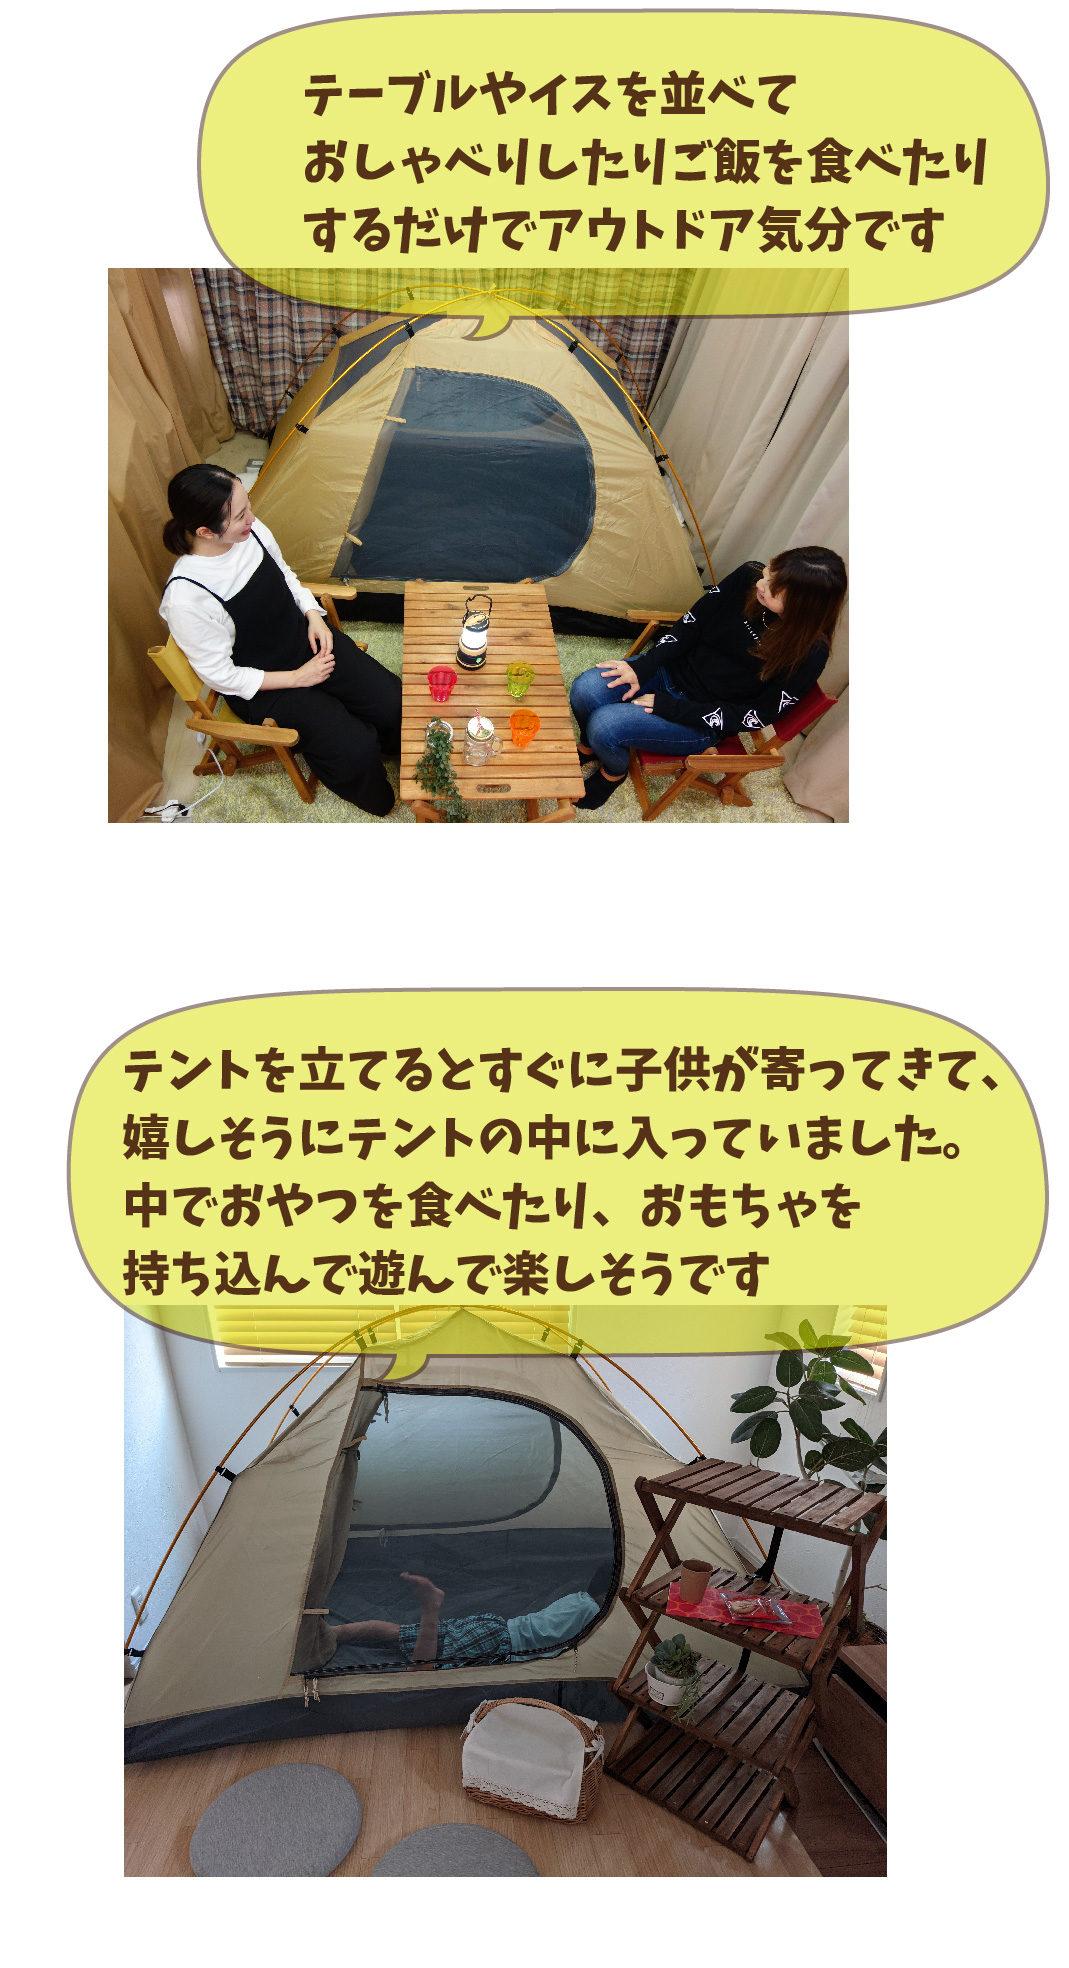 実際に室内にテントを張ってみた様子